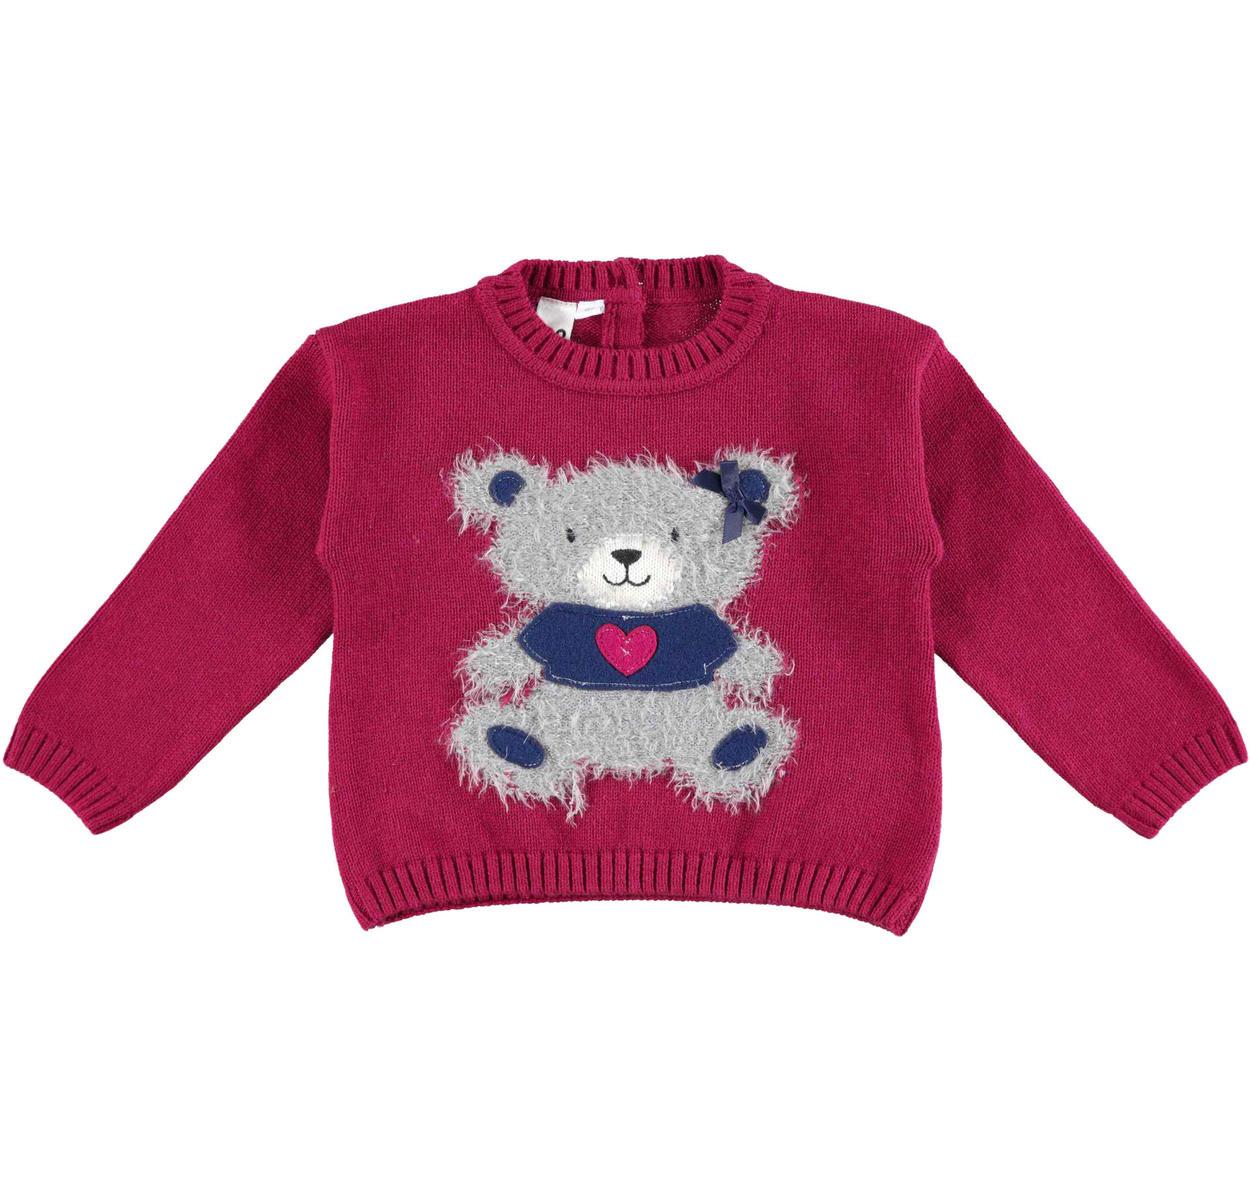 Deliziosa maglia bambina in tricot misto cotone e lana vestibilità da 6 mesi a 7 anni iDO